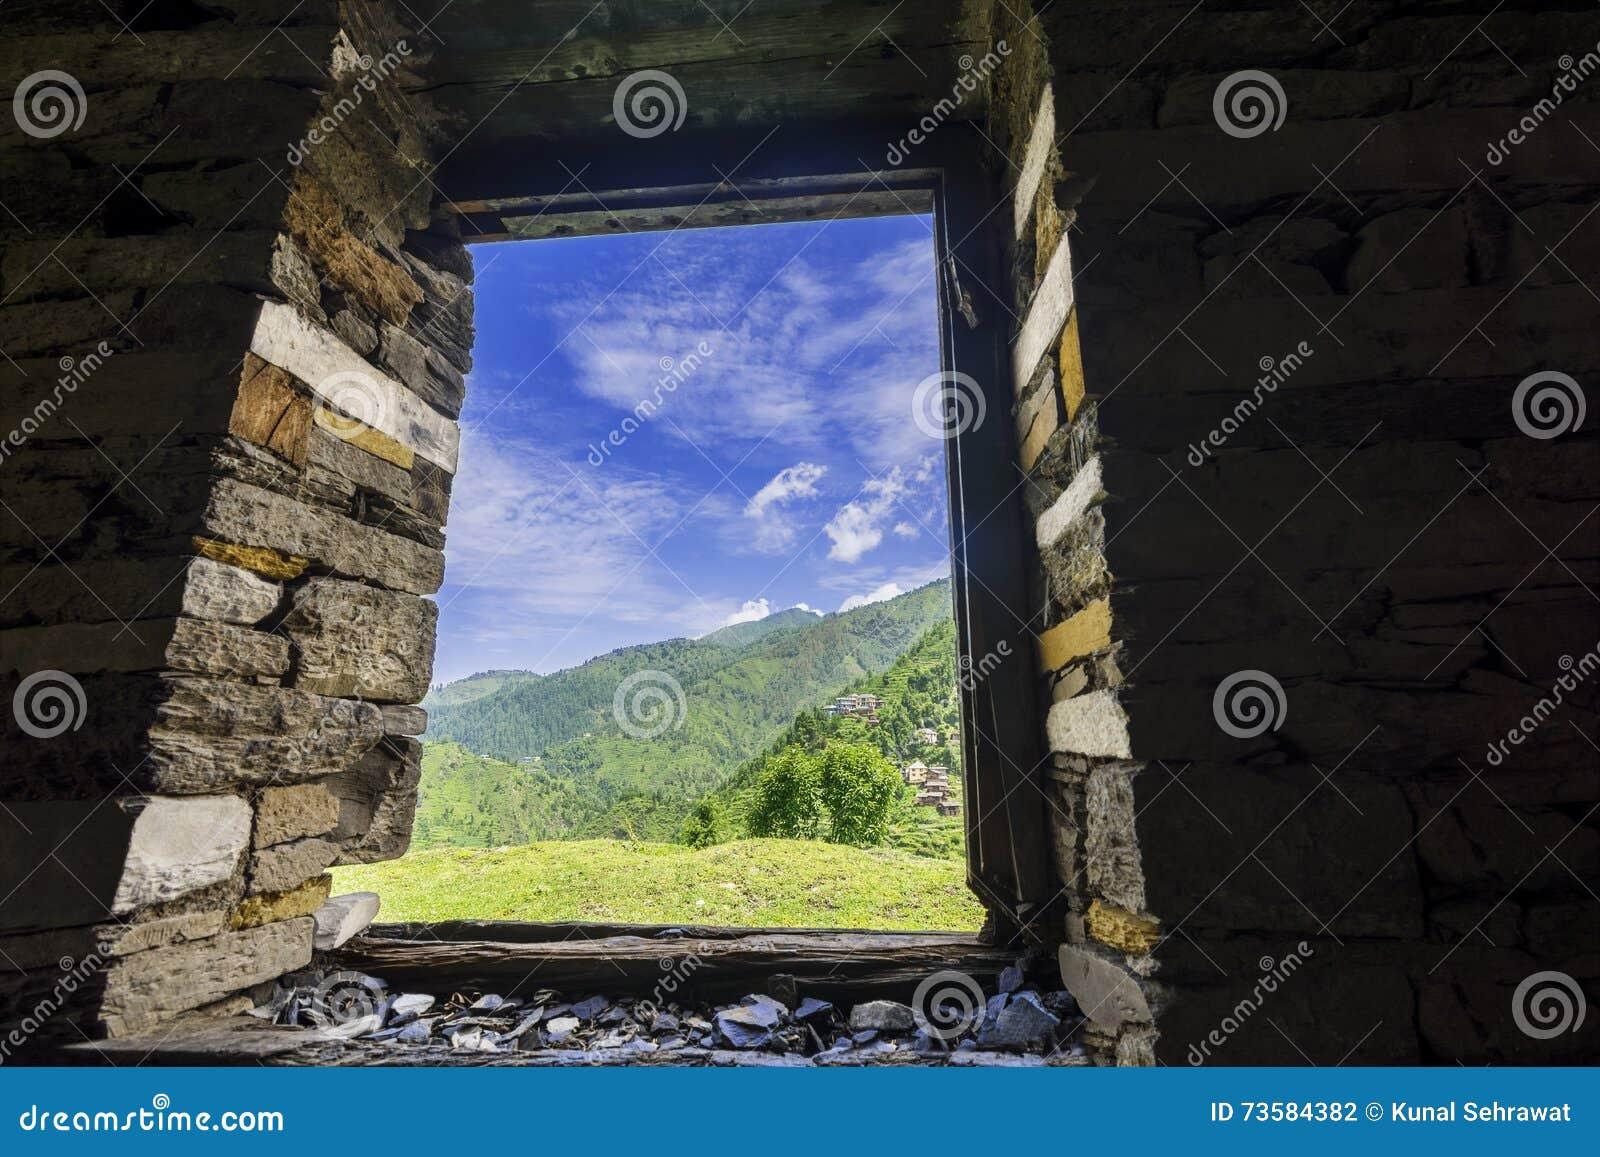 Vista gloriosa do vale de Janjheli através de uma janela quadro de madeira